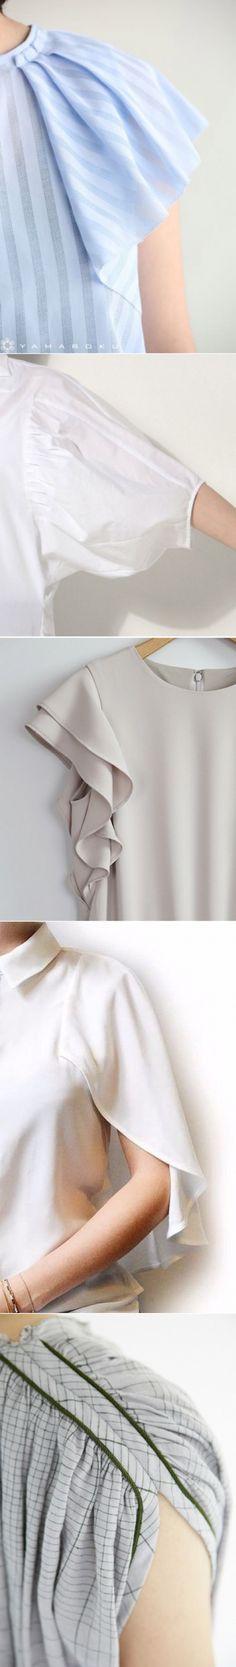 Por las manos (la Obra, la Costura, el Patrón)